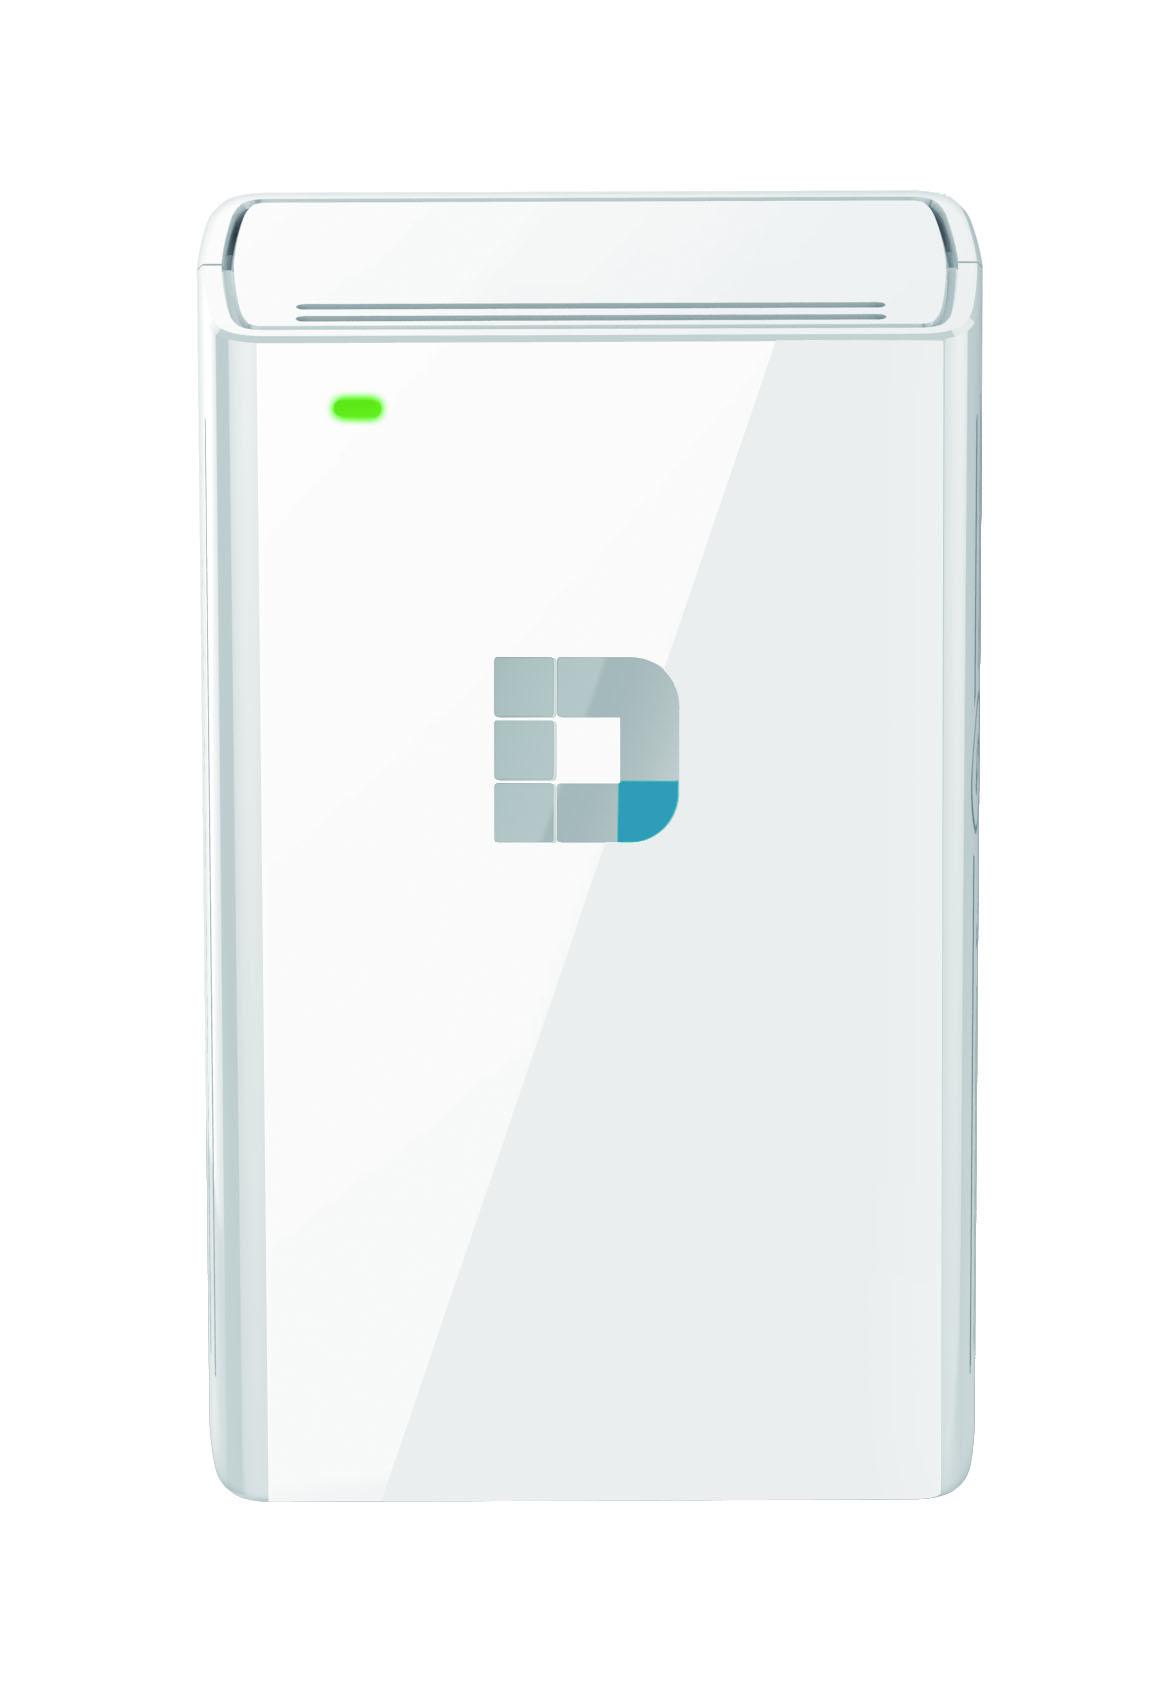 DAP-1520_A1_Image (Front) – TIF Format (1)